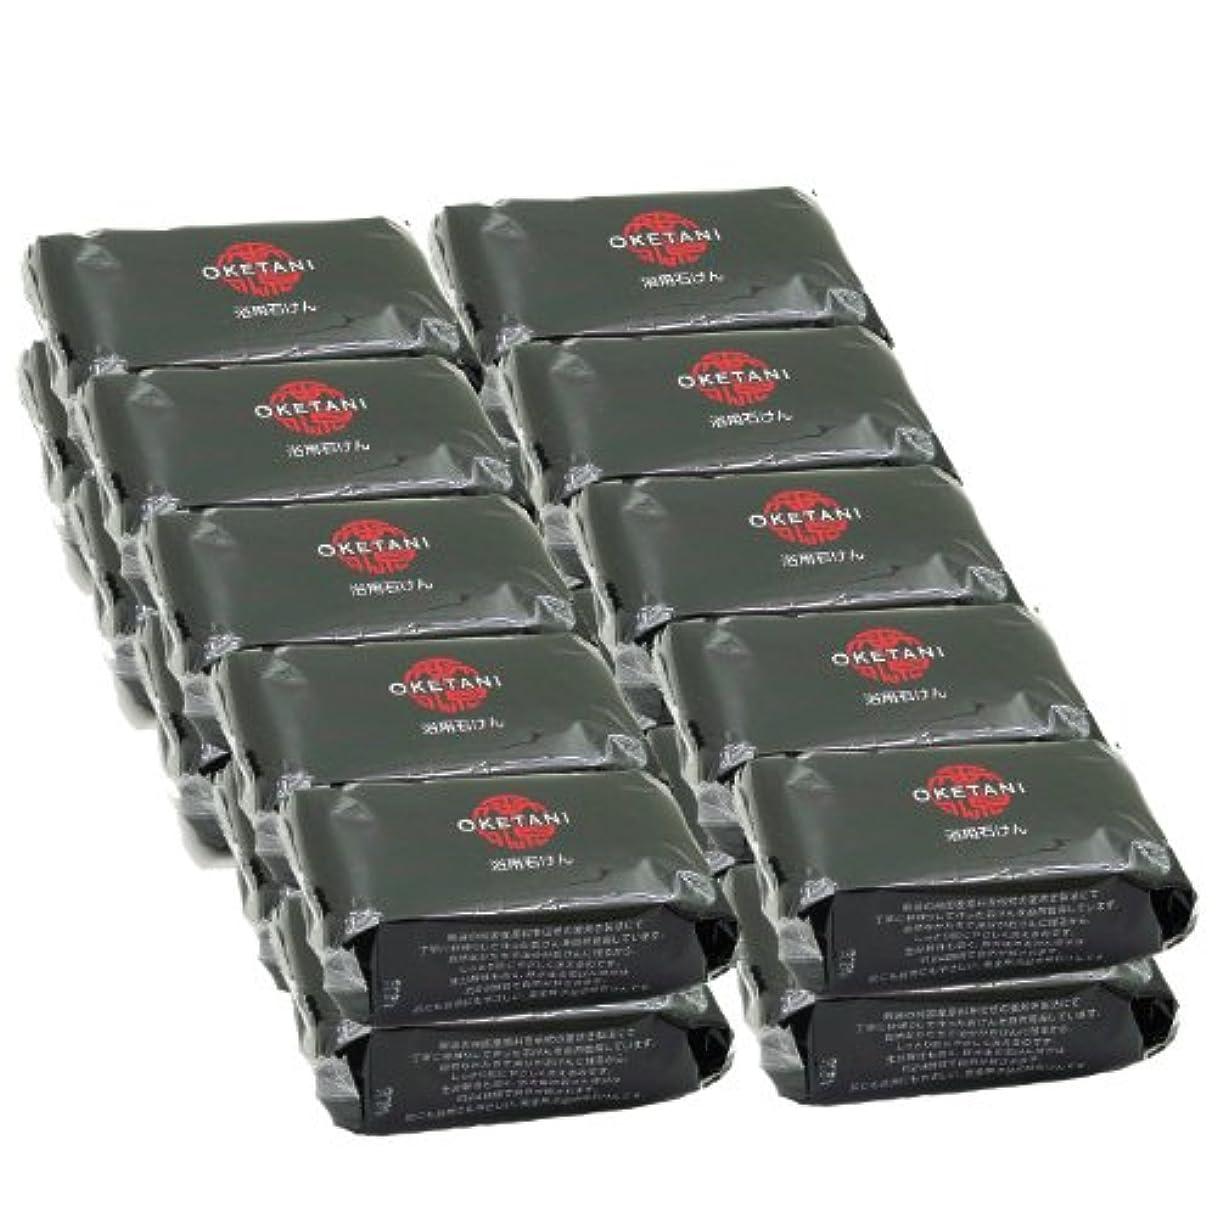 解凍する、雪解け、霜解け固める力強い桶谷石鹸 アイゲン浴用石けん 120g×20個